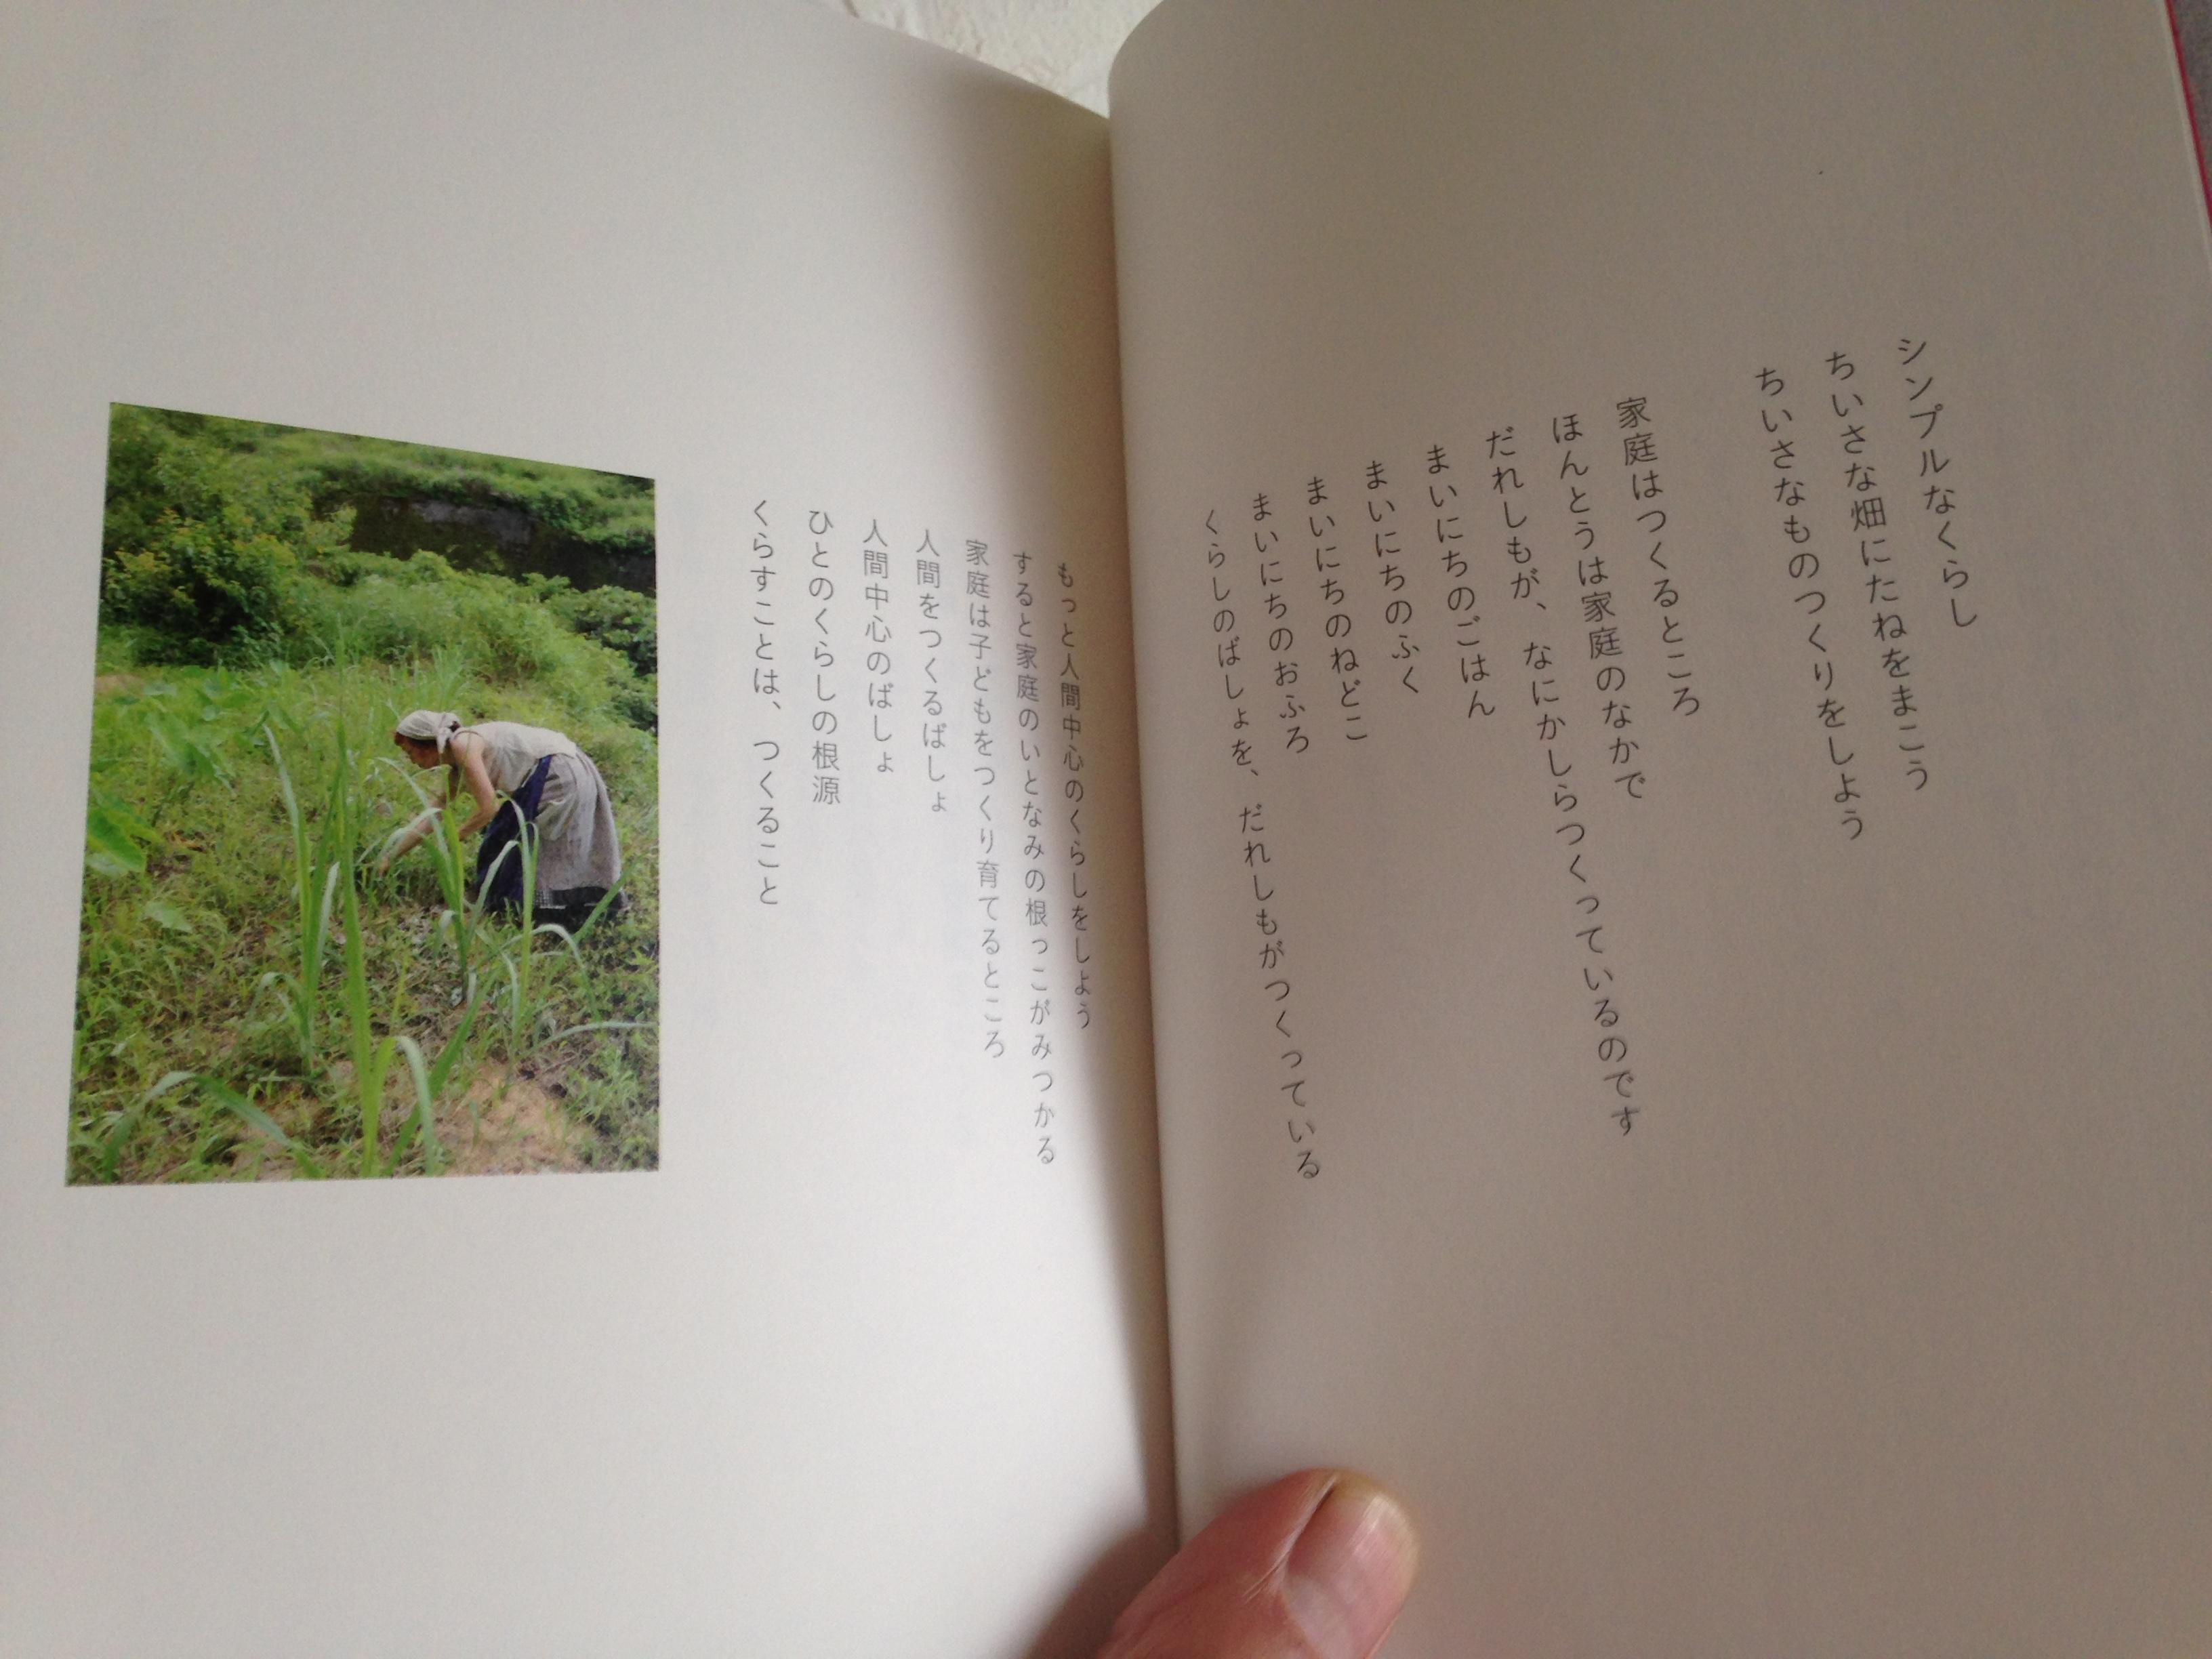 サイン本「ちいさなくらしのたねレシピ」早川ユミ - 画像5